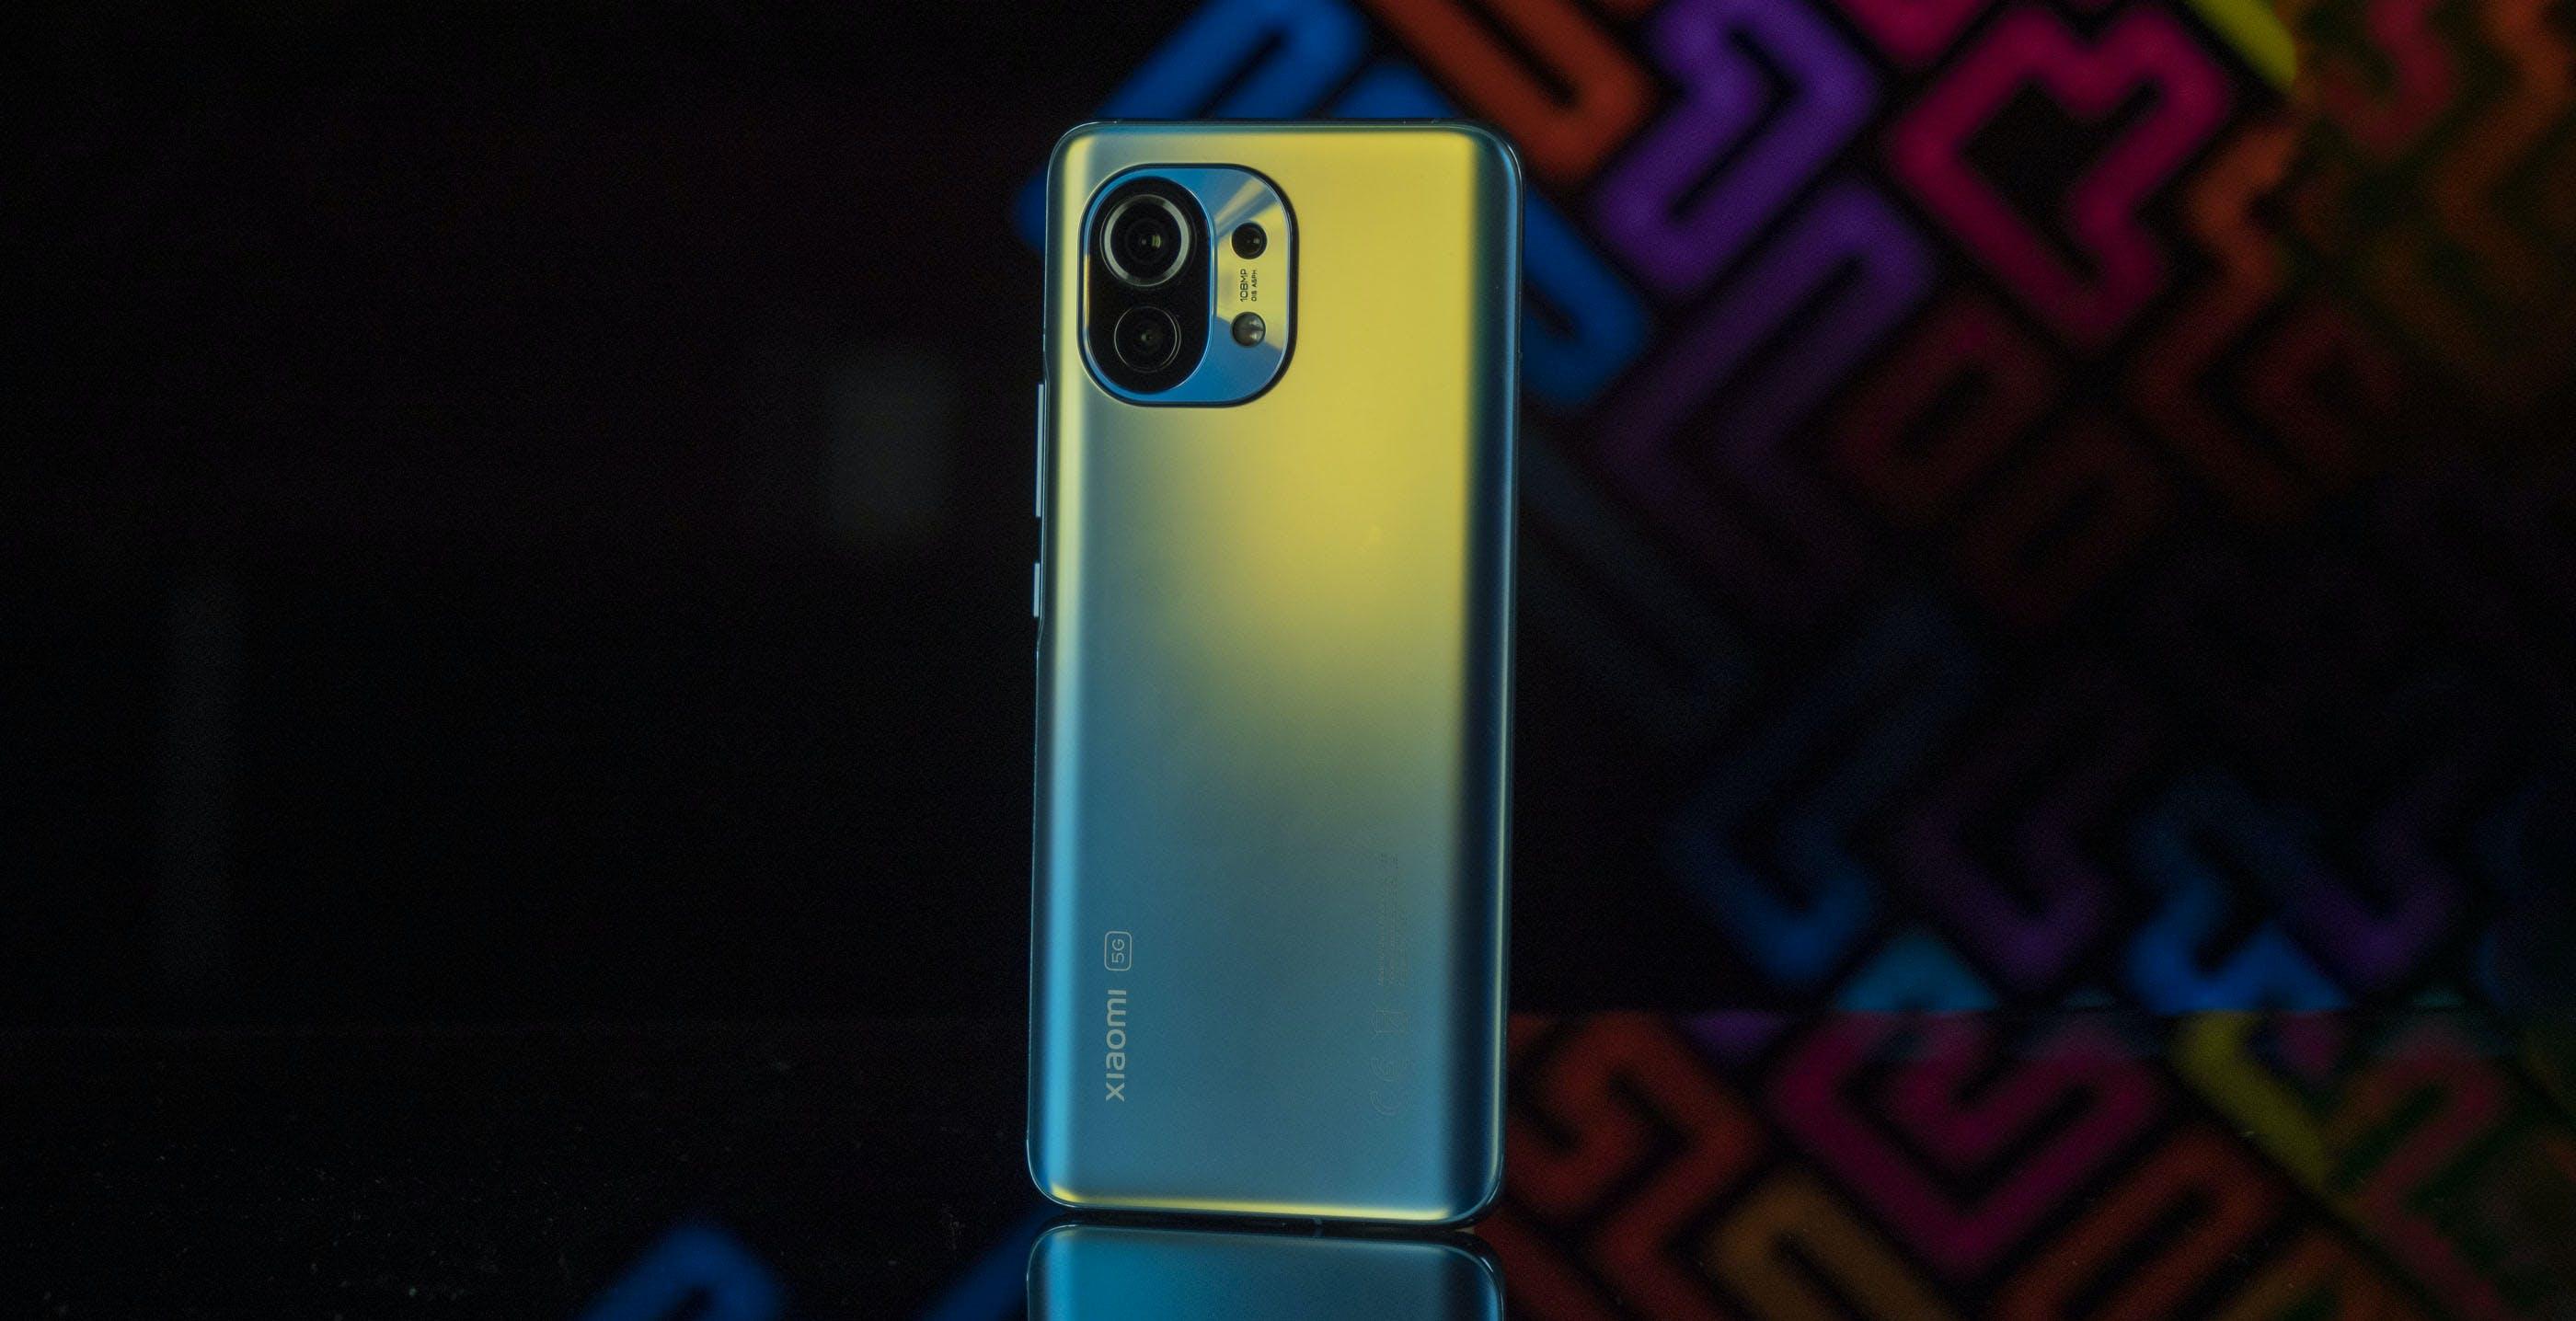 Xiaomi Mi 11, anteprima. Bello e completo, ma il Mi 10T Pro costa 300 euro in meno ed è davvero simile